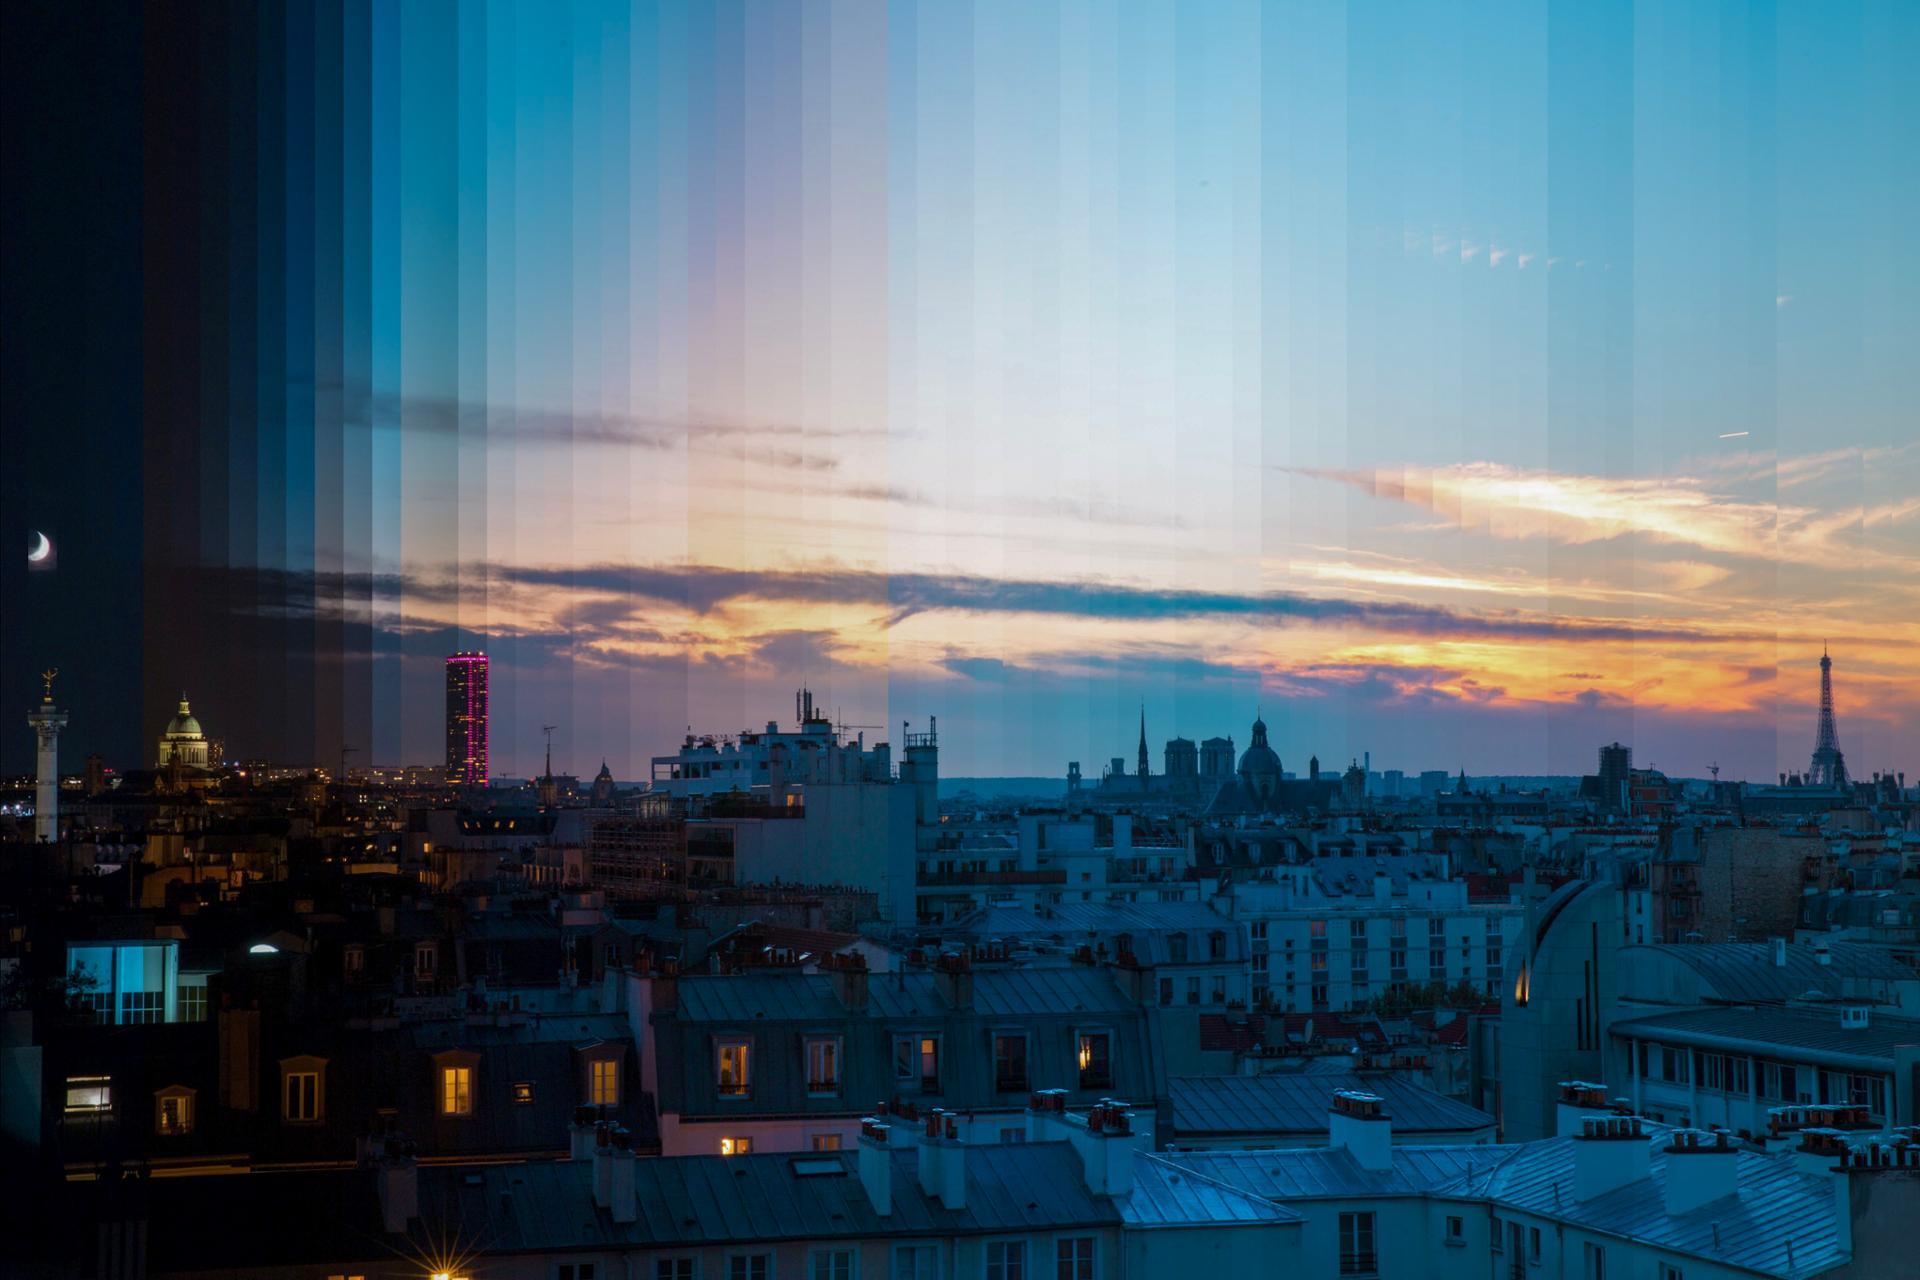 Timeslice vue de Paris de la nuit au levé du soleil